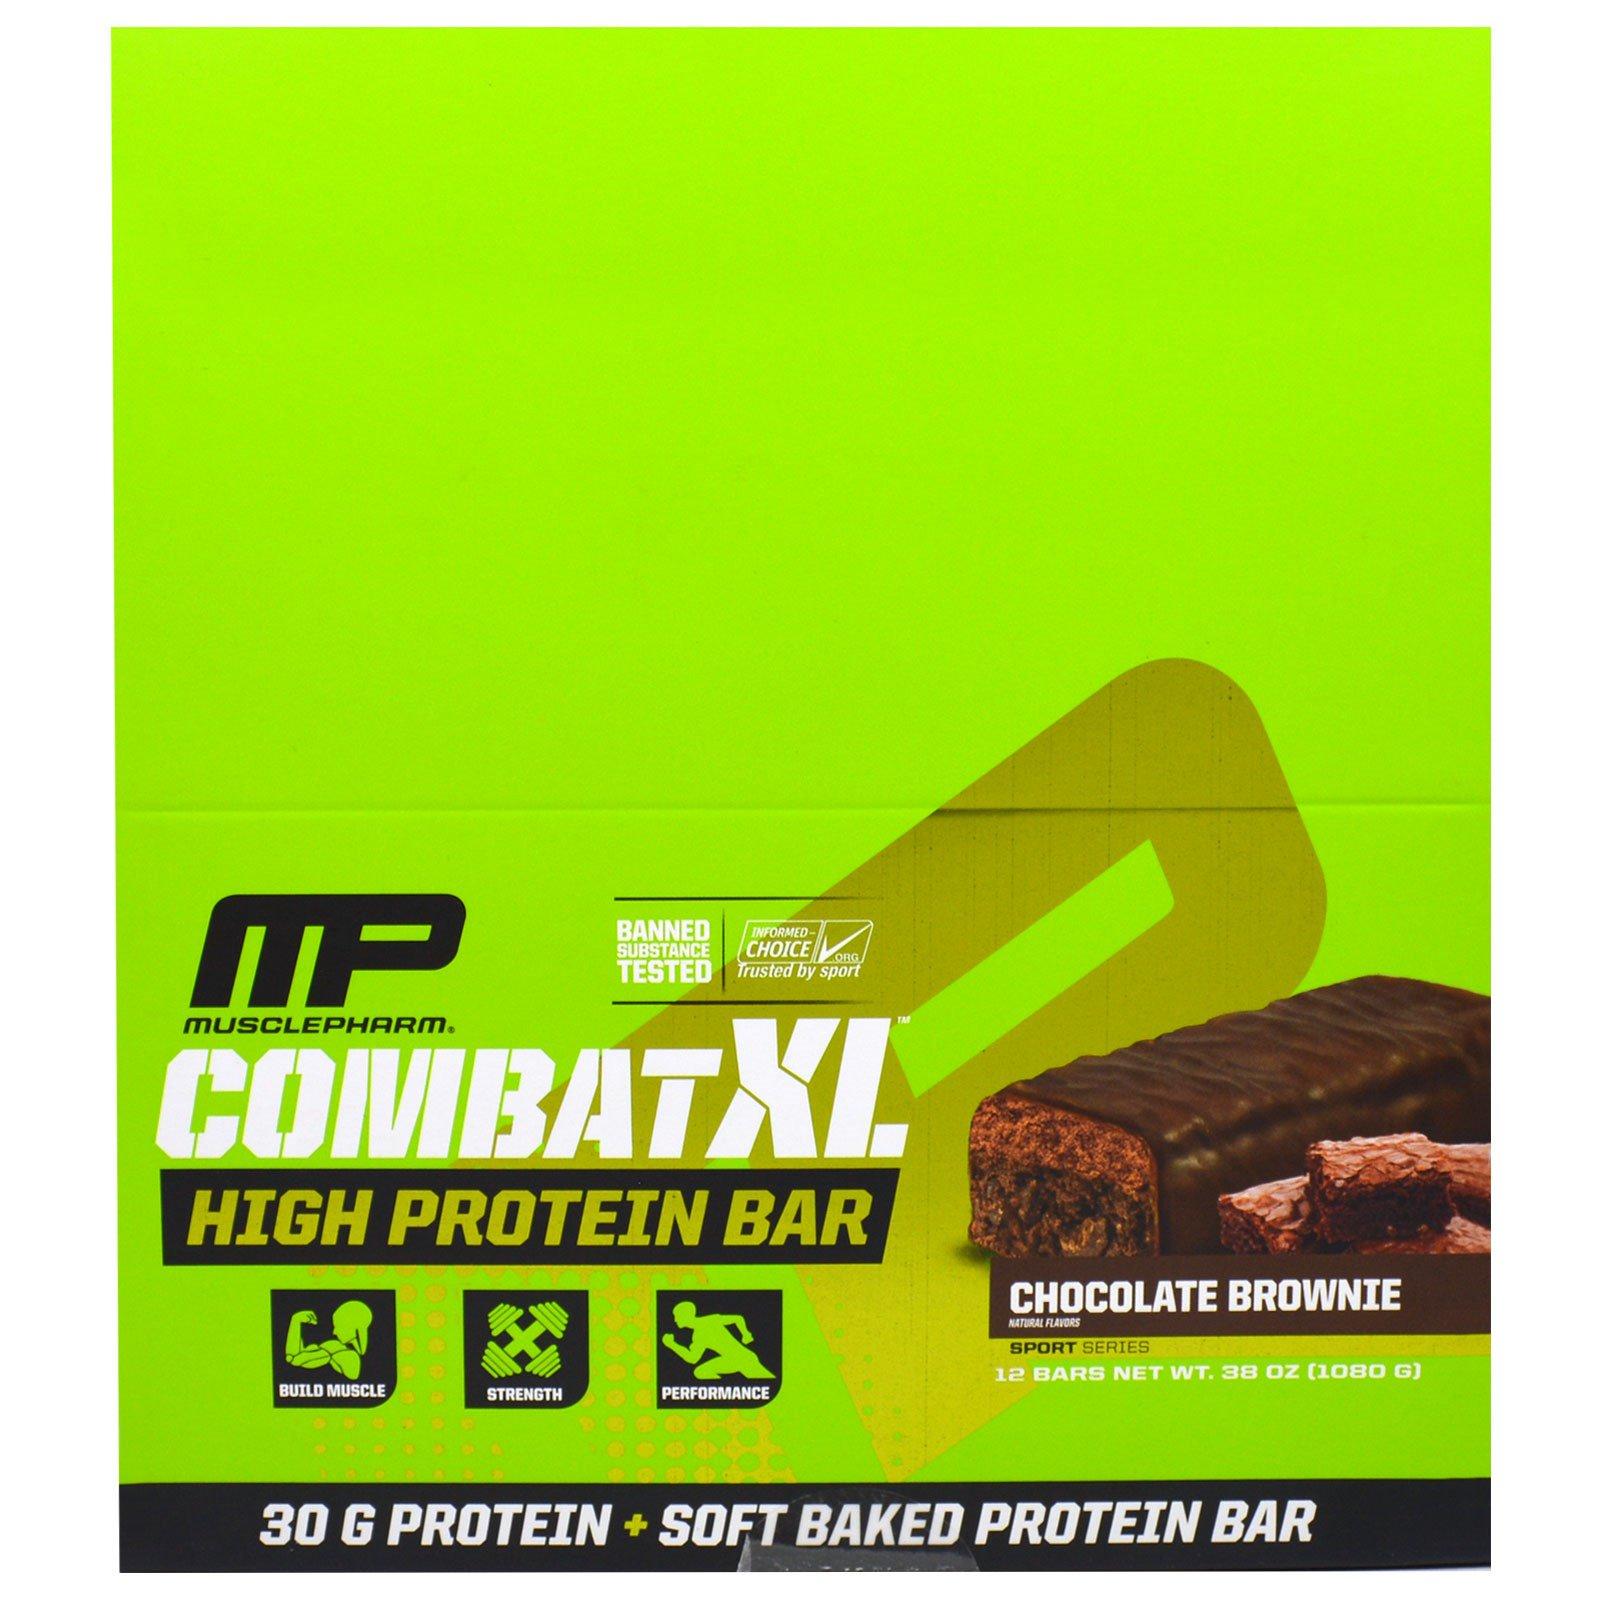 MusclePharm, Combat XL Батончик с Высоким Содержанием Белка, Шоколадное Печенье, 12 батончиков, 38 унций (1080 г)